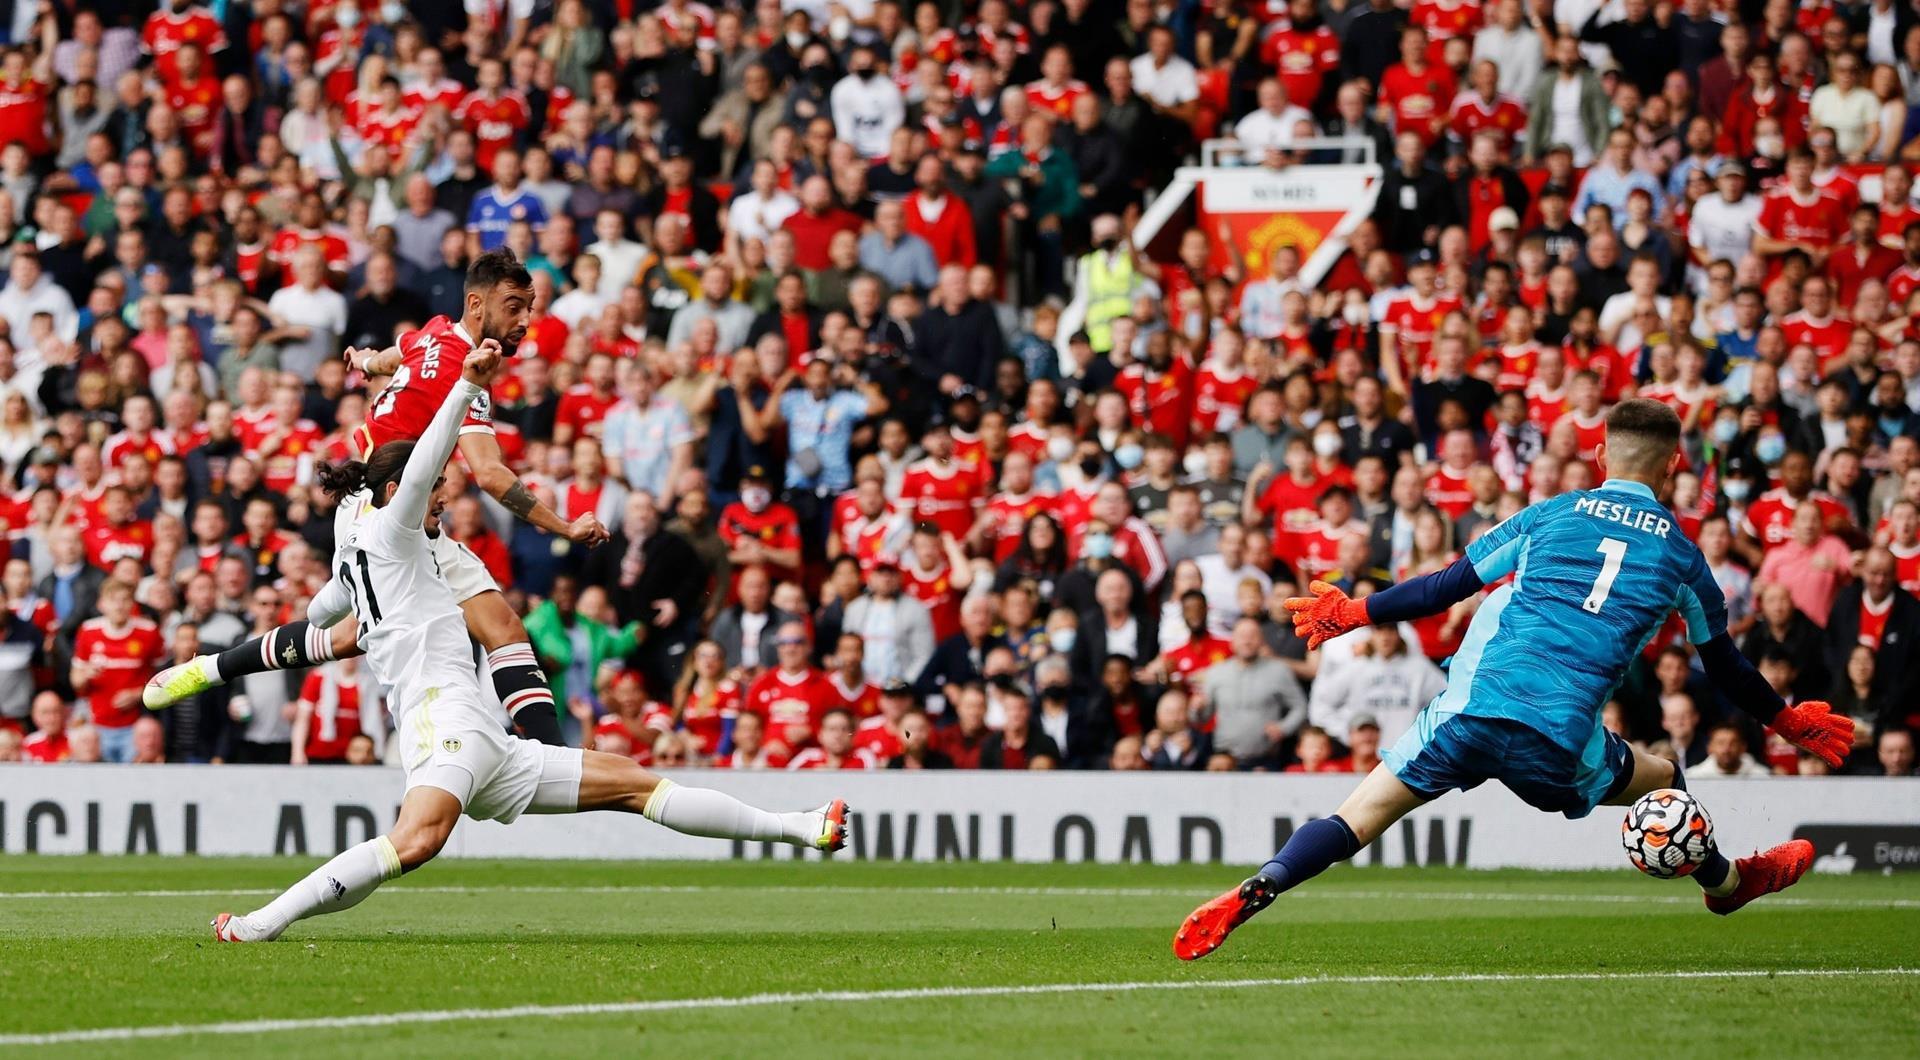 Bruno Fernandes và Pogba tỏa sáng, Man Utd lộ diện hình hài ứng viên vô địch - 2